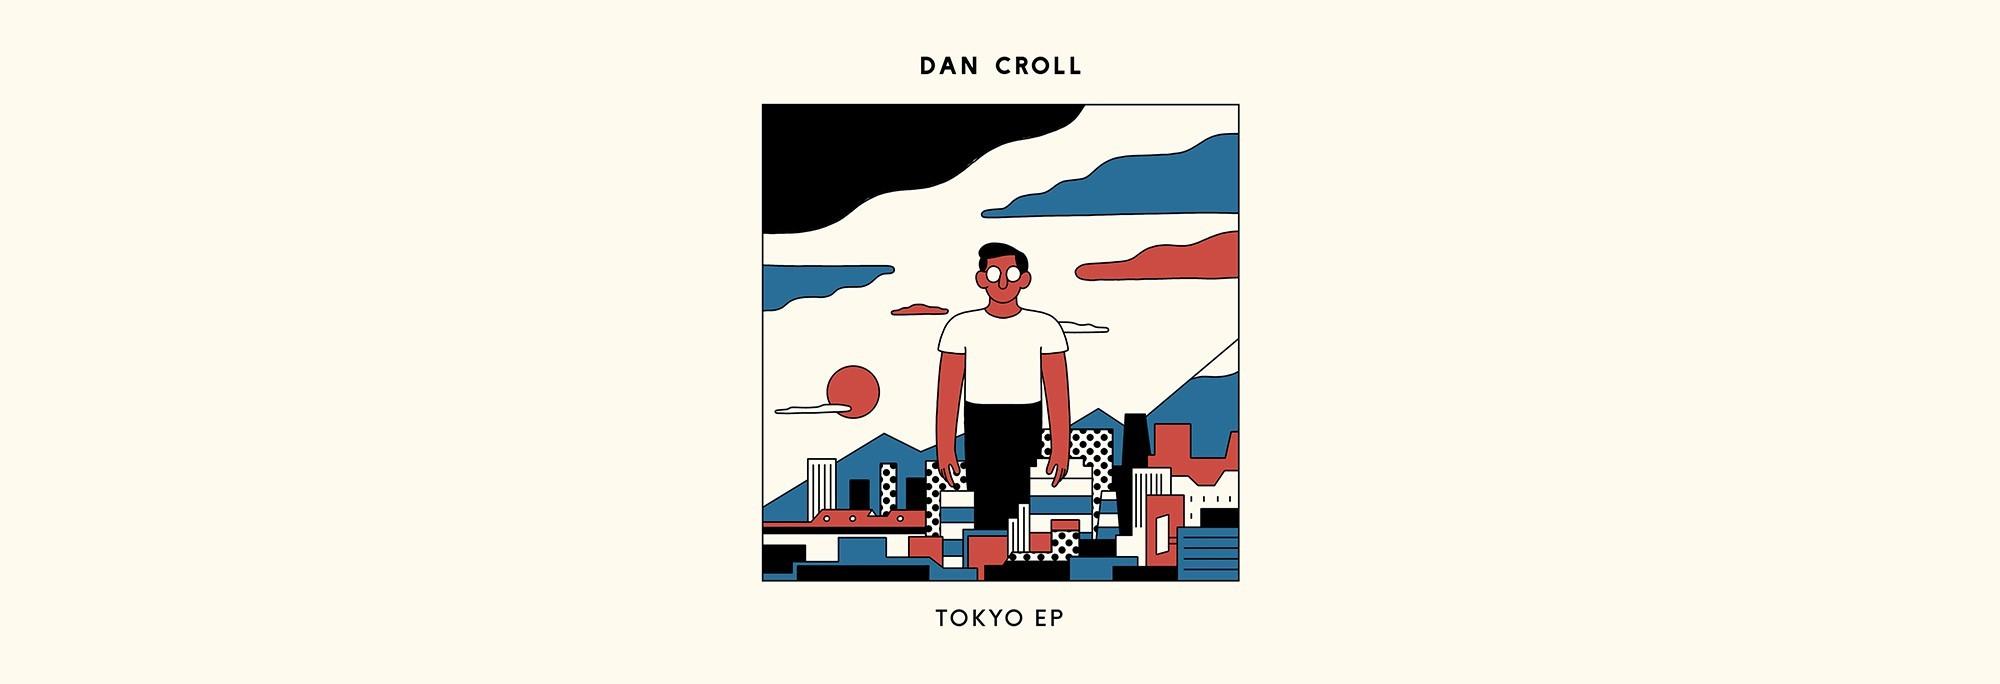 Dan Croll - Tokyo EP